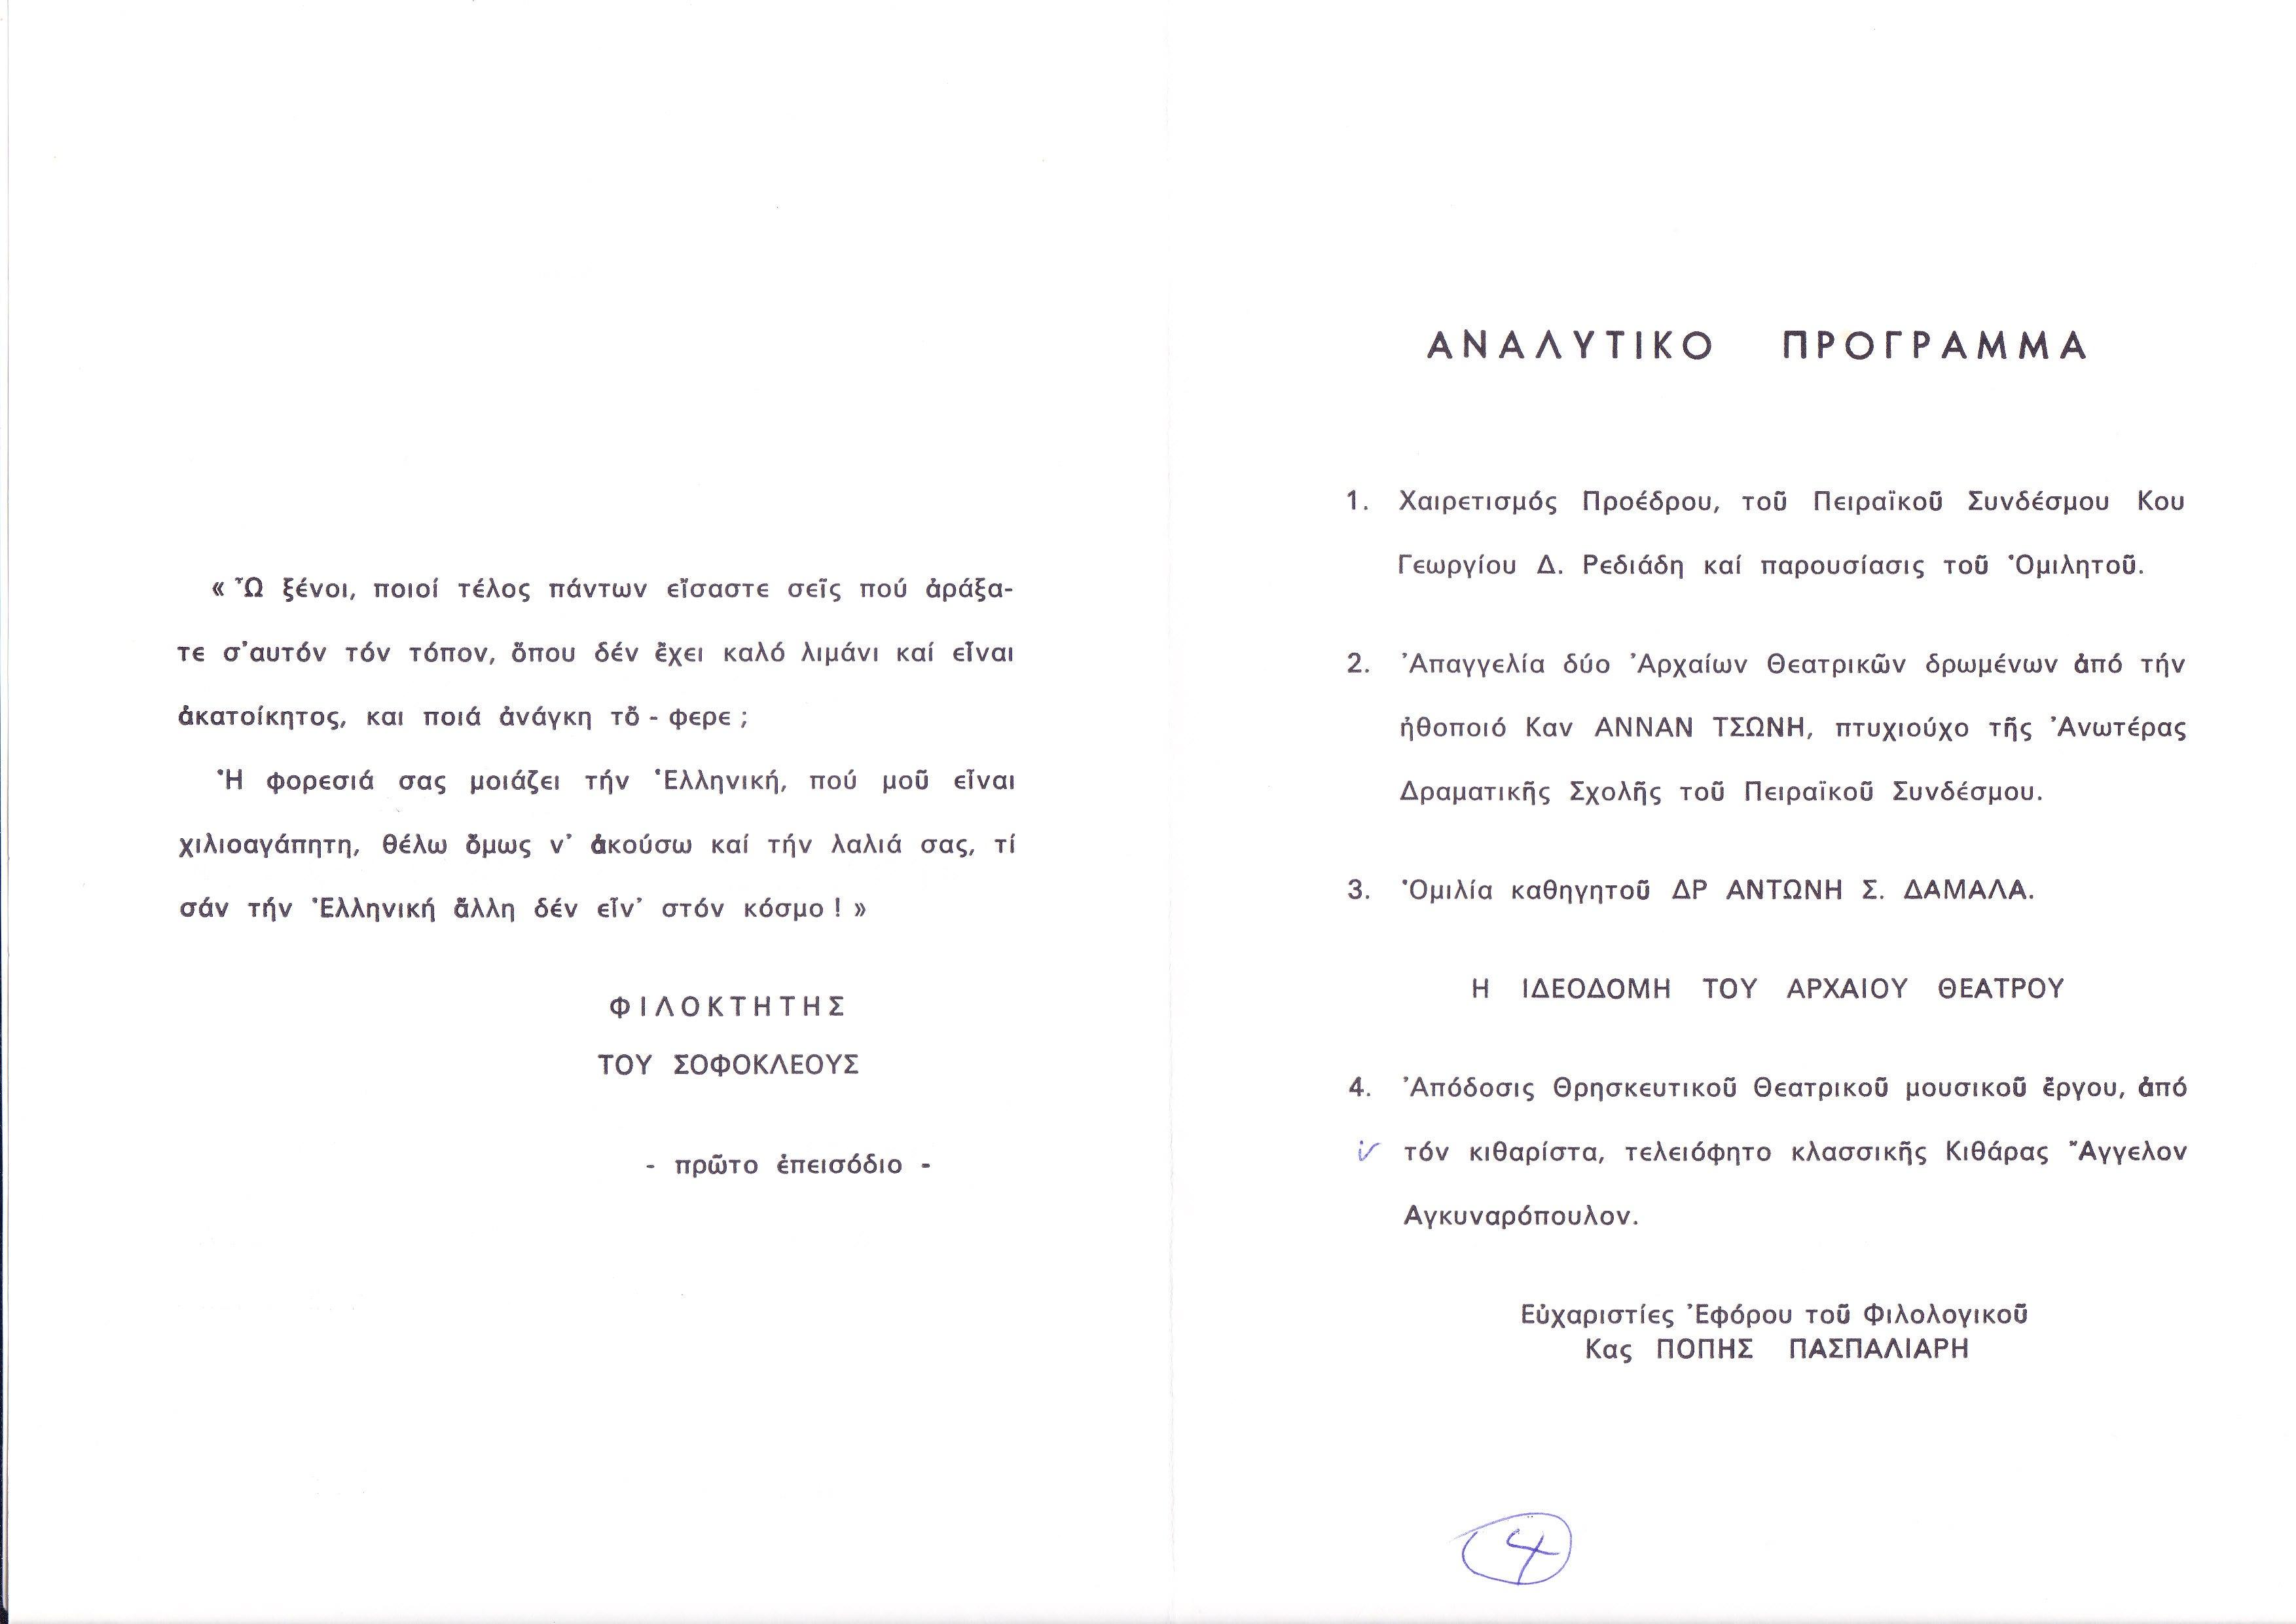 Πρόσκληση Πειραικός Σύνδεσμος 17.4.1992